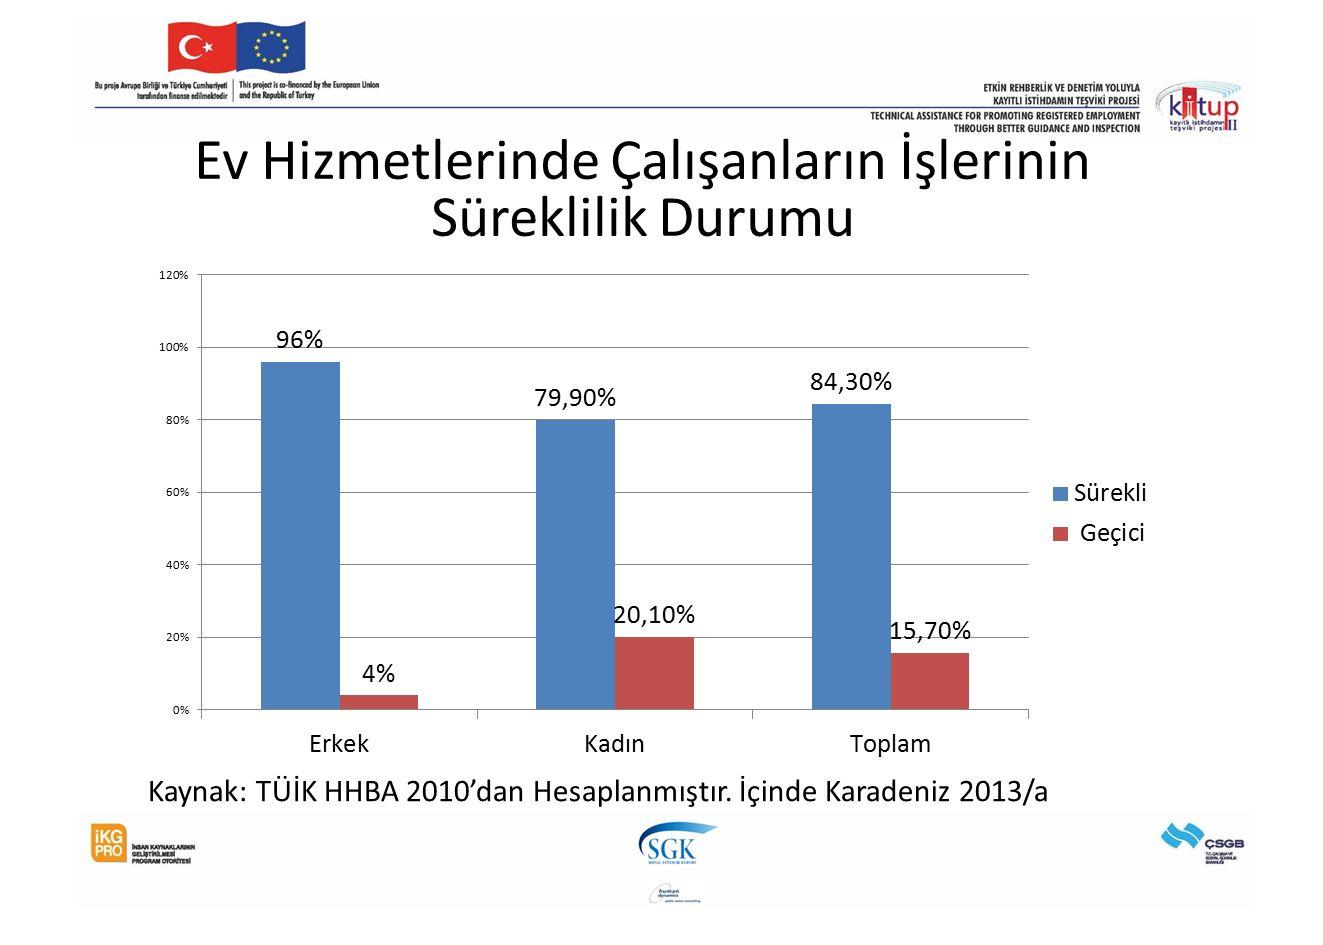 Ev Hizmetlerinde Çalışanların İşlerinin Süreklilik Durumu Kaynak: TÜİK HHBA 2010'dan Hesaplanmıştır. İçinde Karadeniz 2013/a